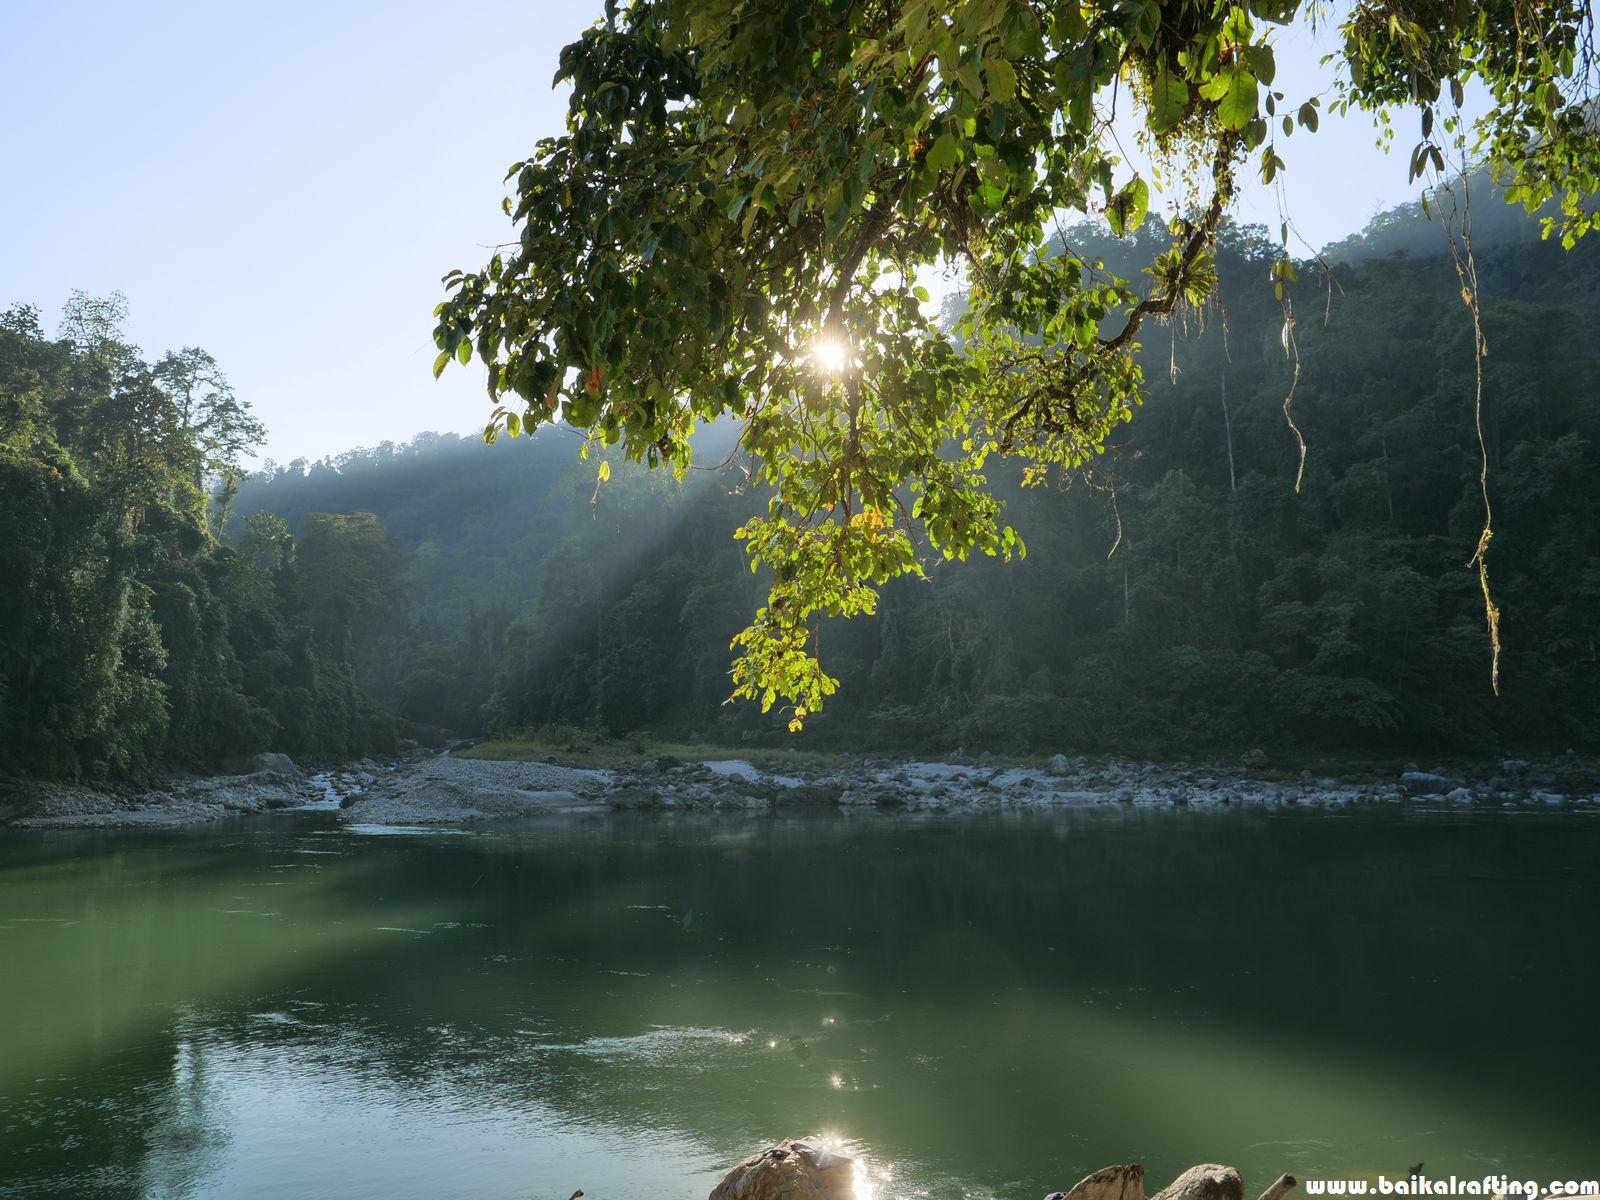 Сплав и рыбалка на реке Каменг - Новогодний тур 2020, рассказ